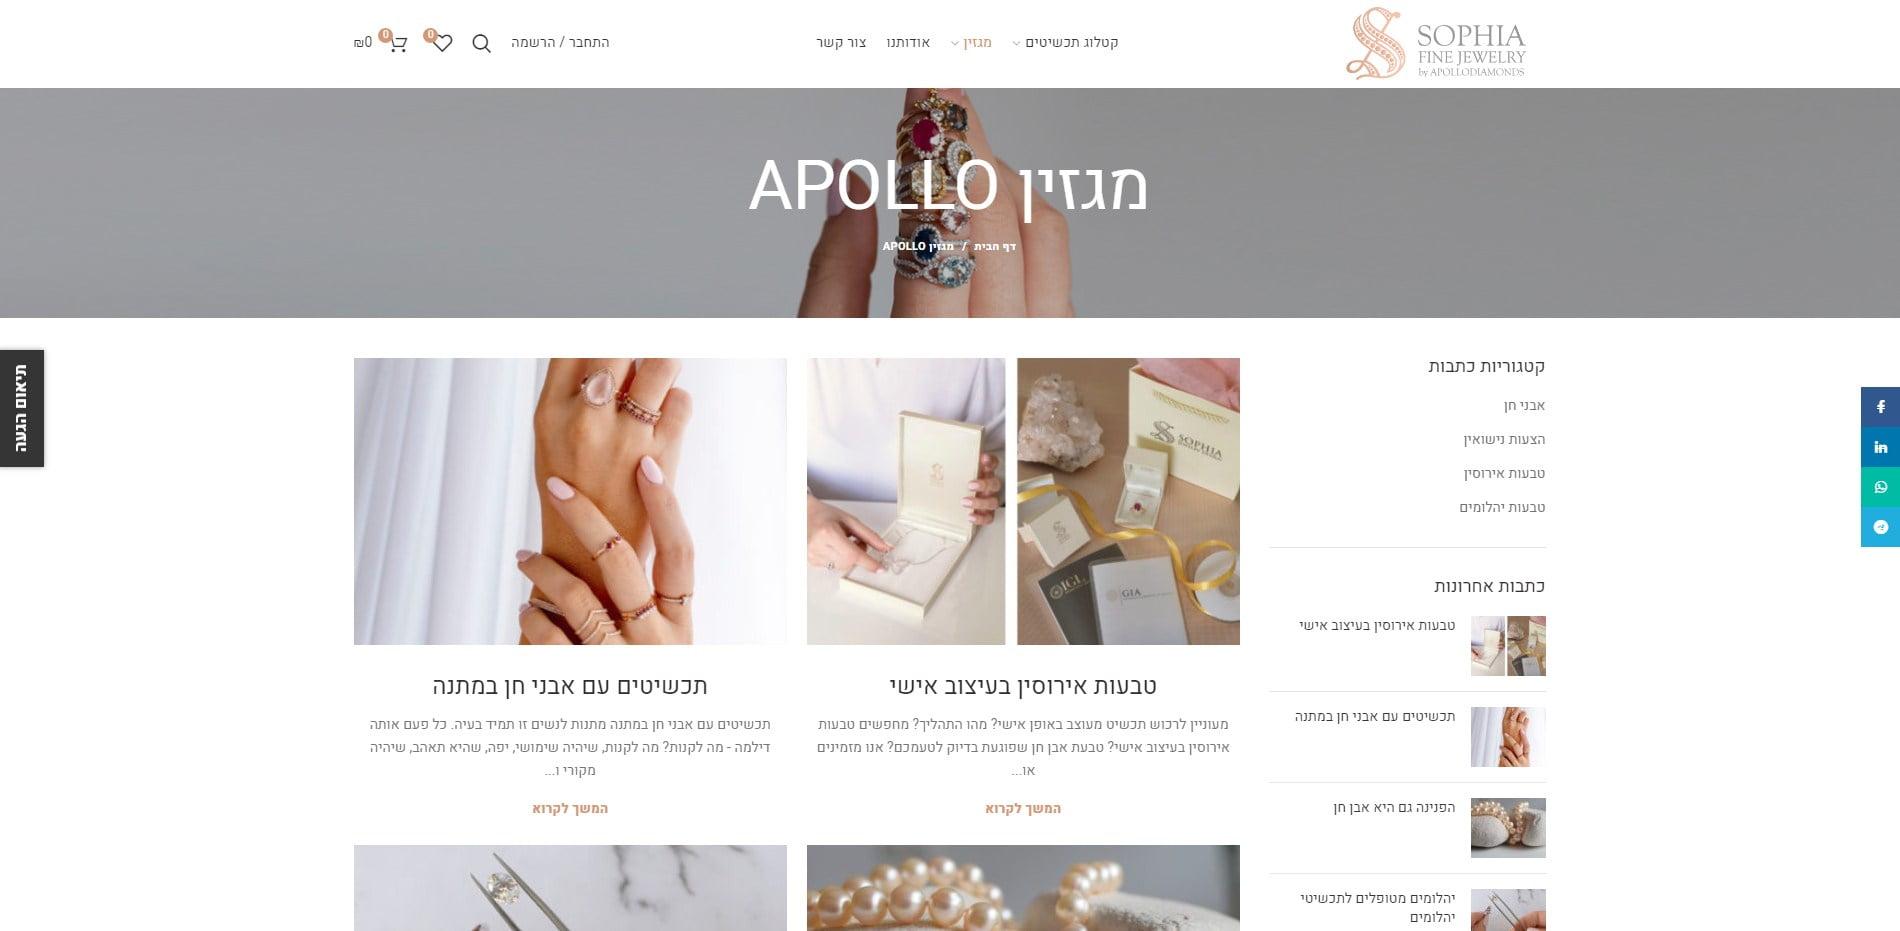 שיווק דיגיטלי לעסקים - בלוג אפולו תכשיטי יהלומים